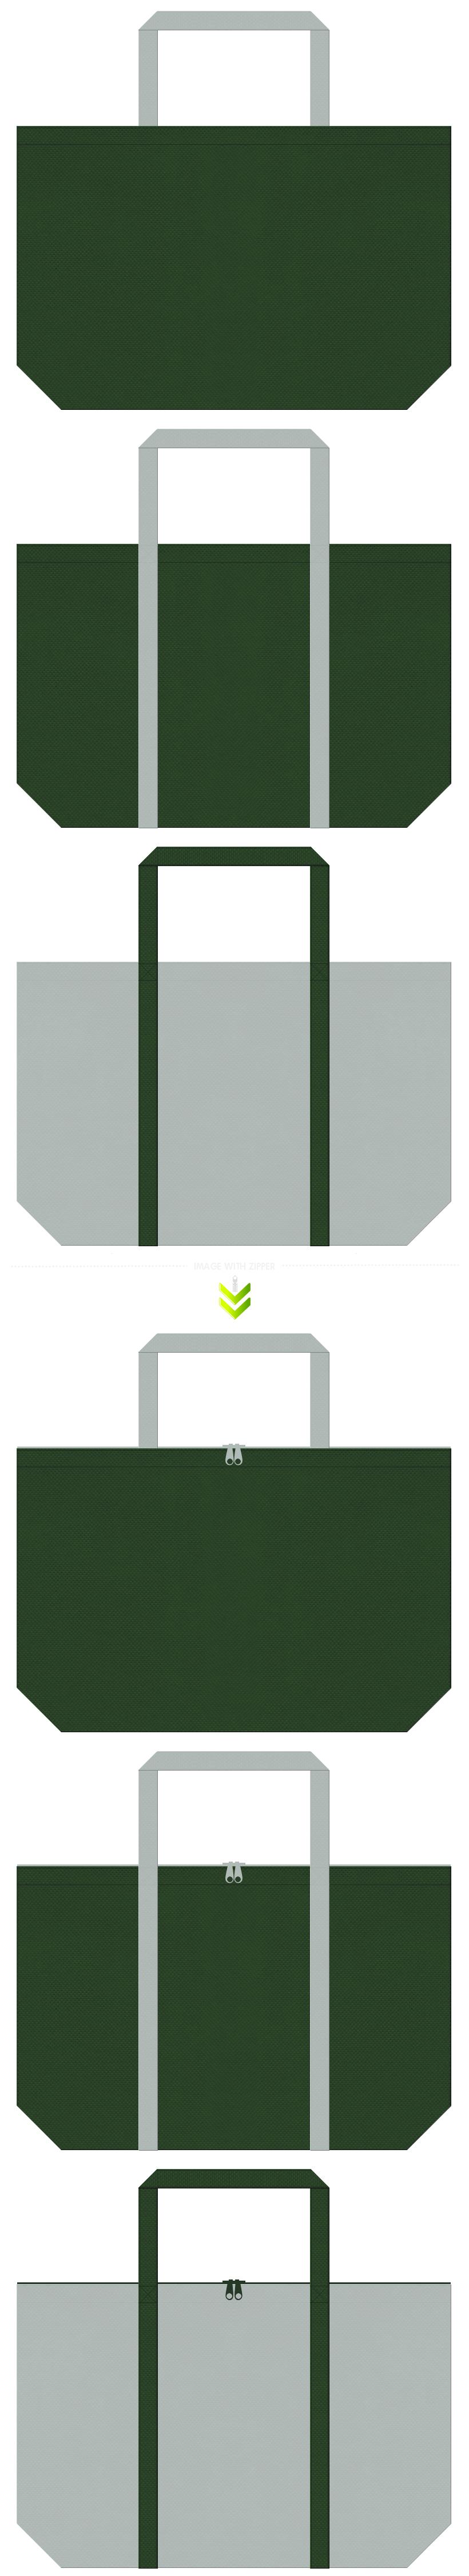 濃緑色とグレー色の不織布エコバッグのデザイン。壁面緑化のイメージにお奨めです。